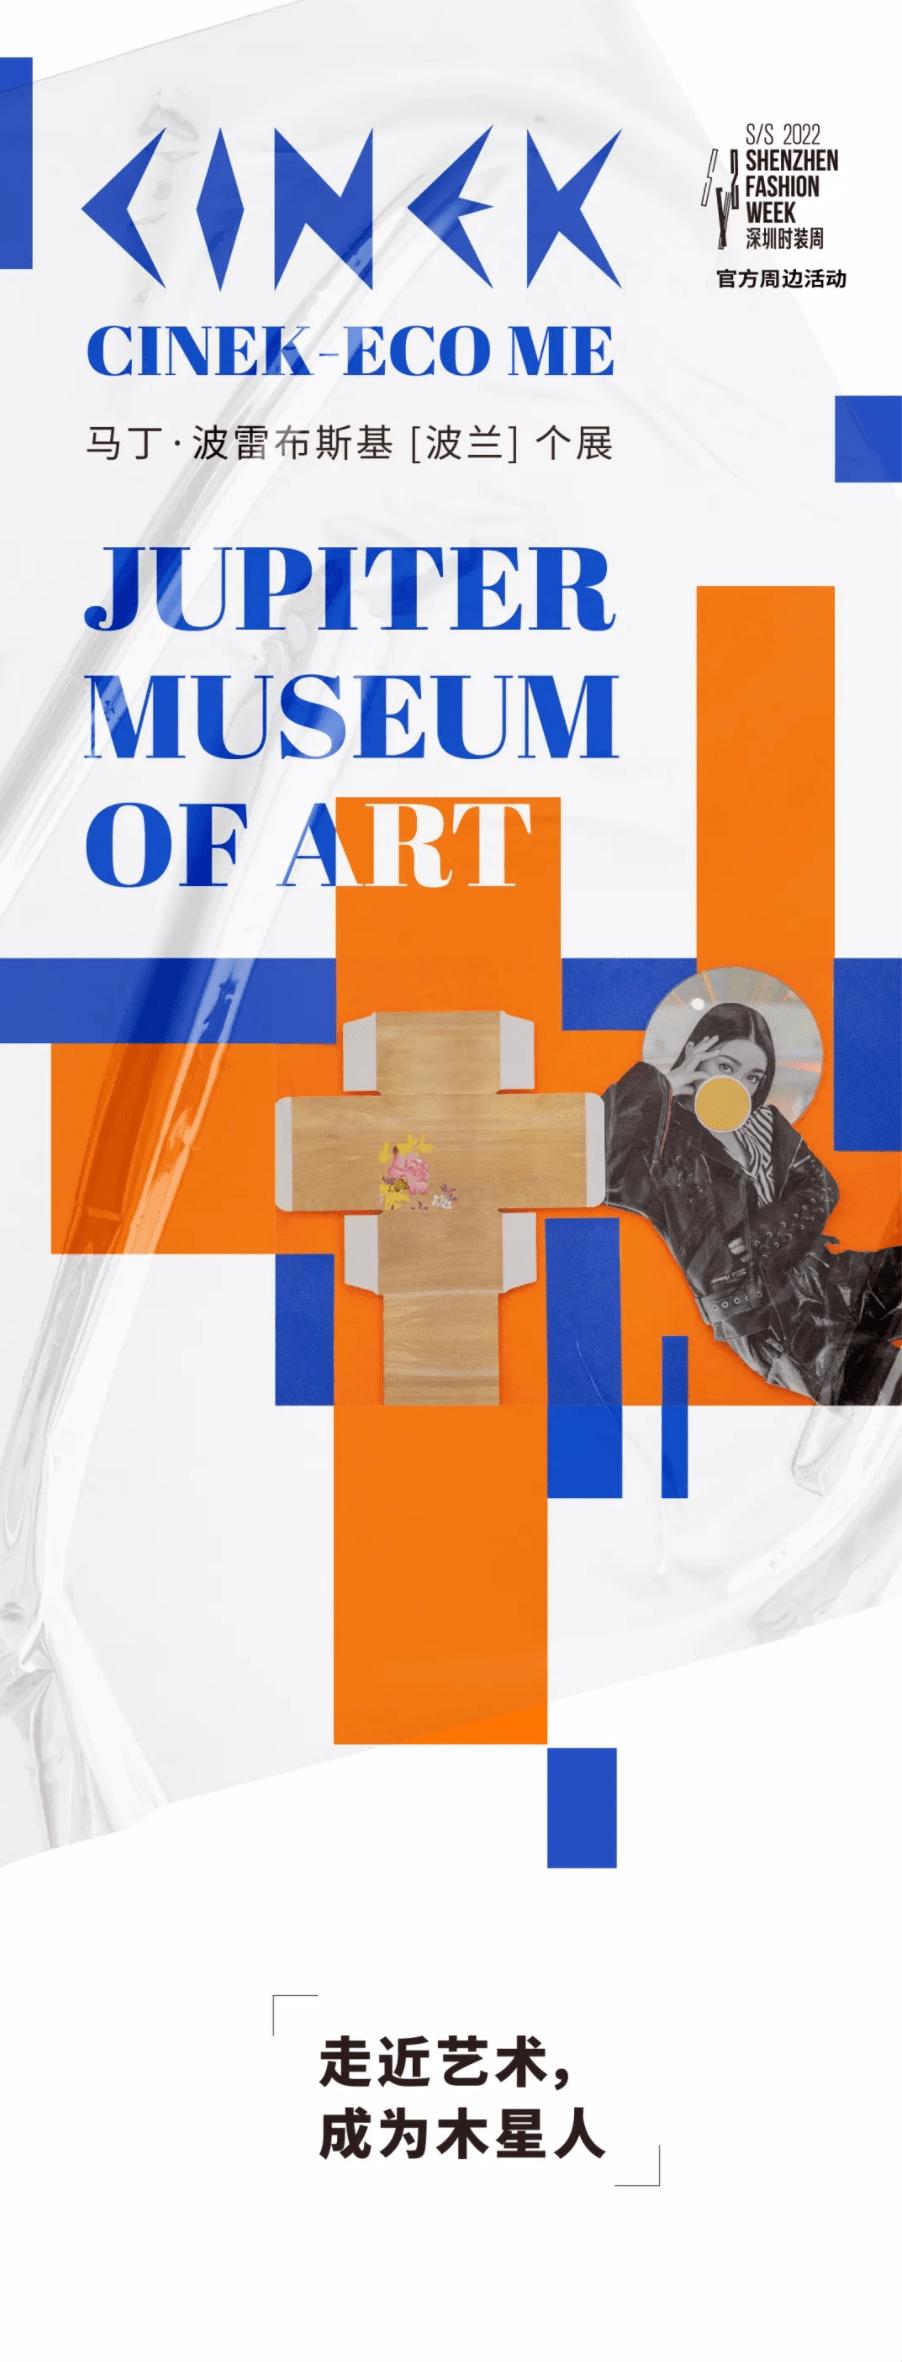 周边活动   CINEK-ECO ME 可持续创意设计艺术展,用艺术感知弃物再造